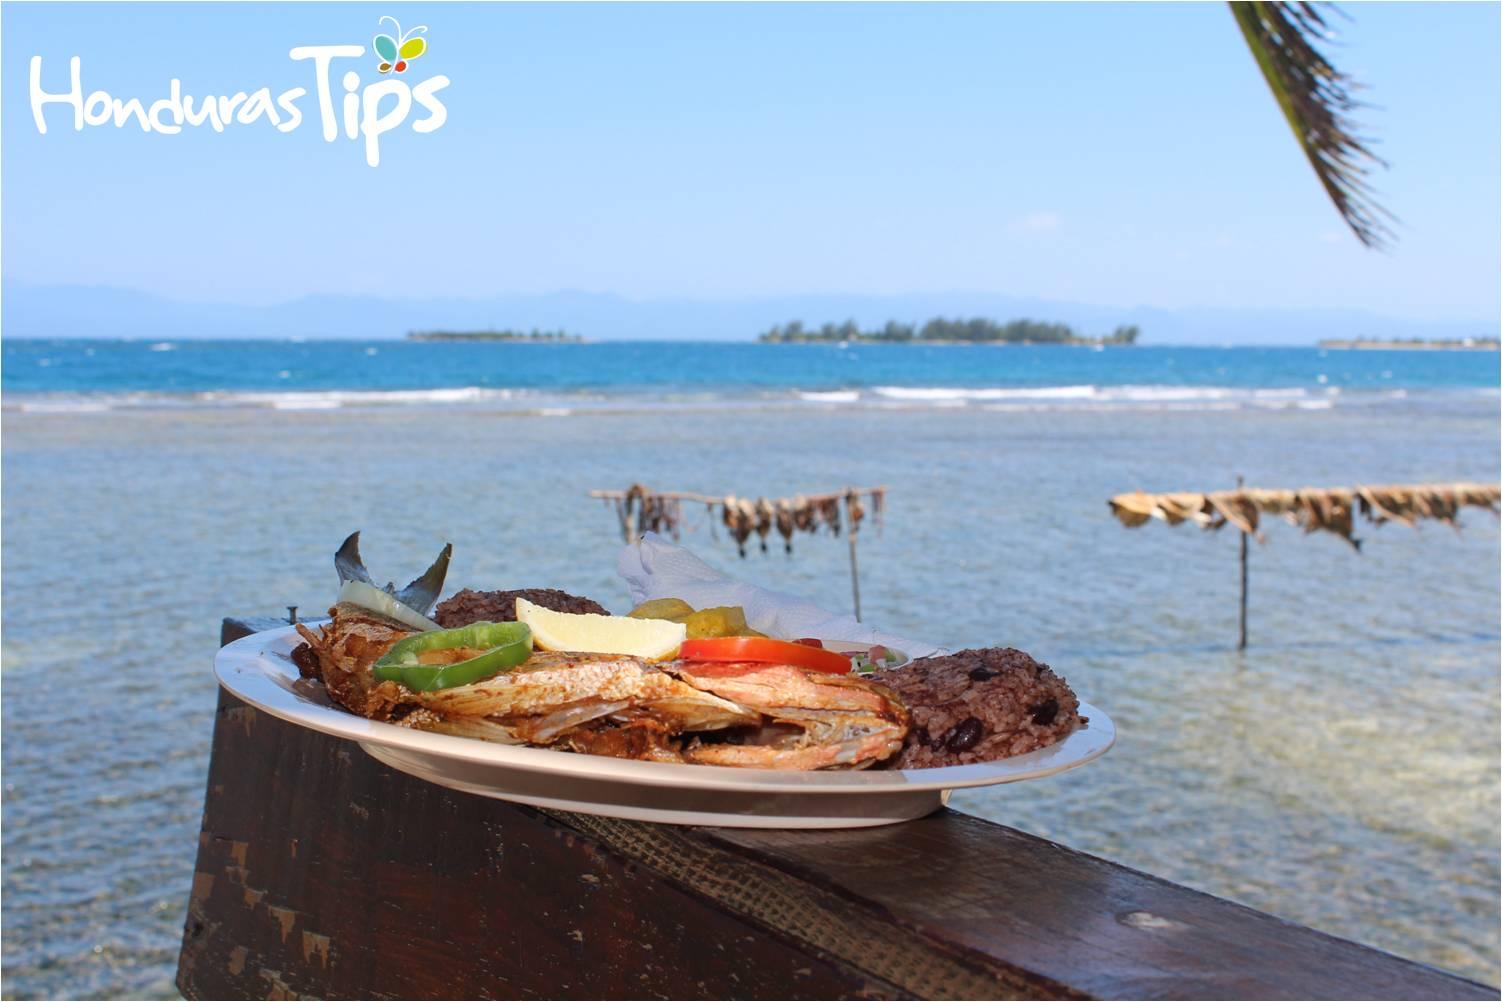 En la comunidad de East, End de Cayos Cochinos podrá saborear la gastronomía local con un hermoso paisaje.